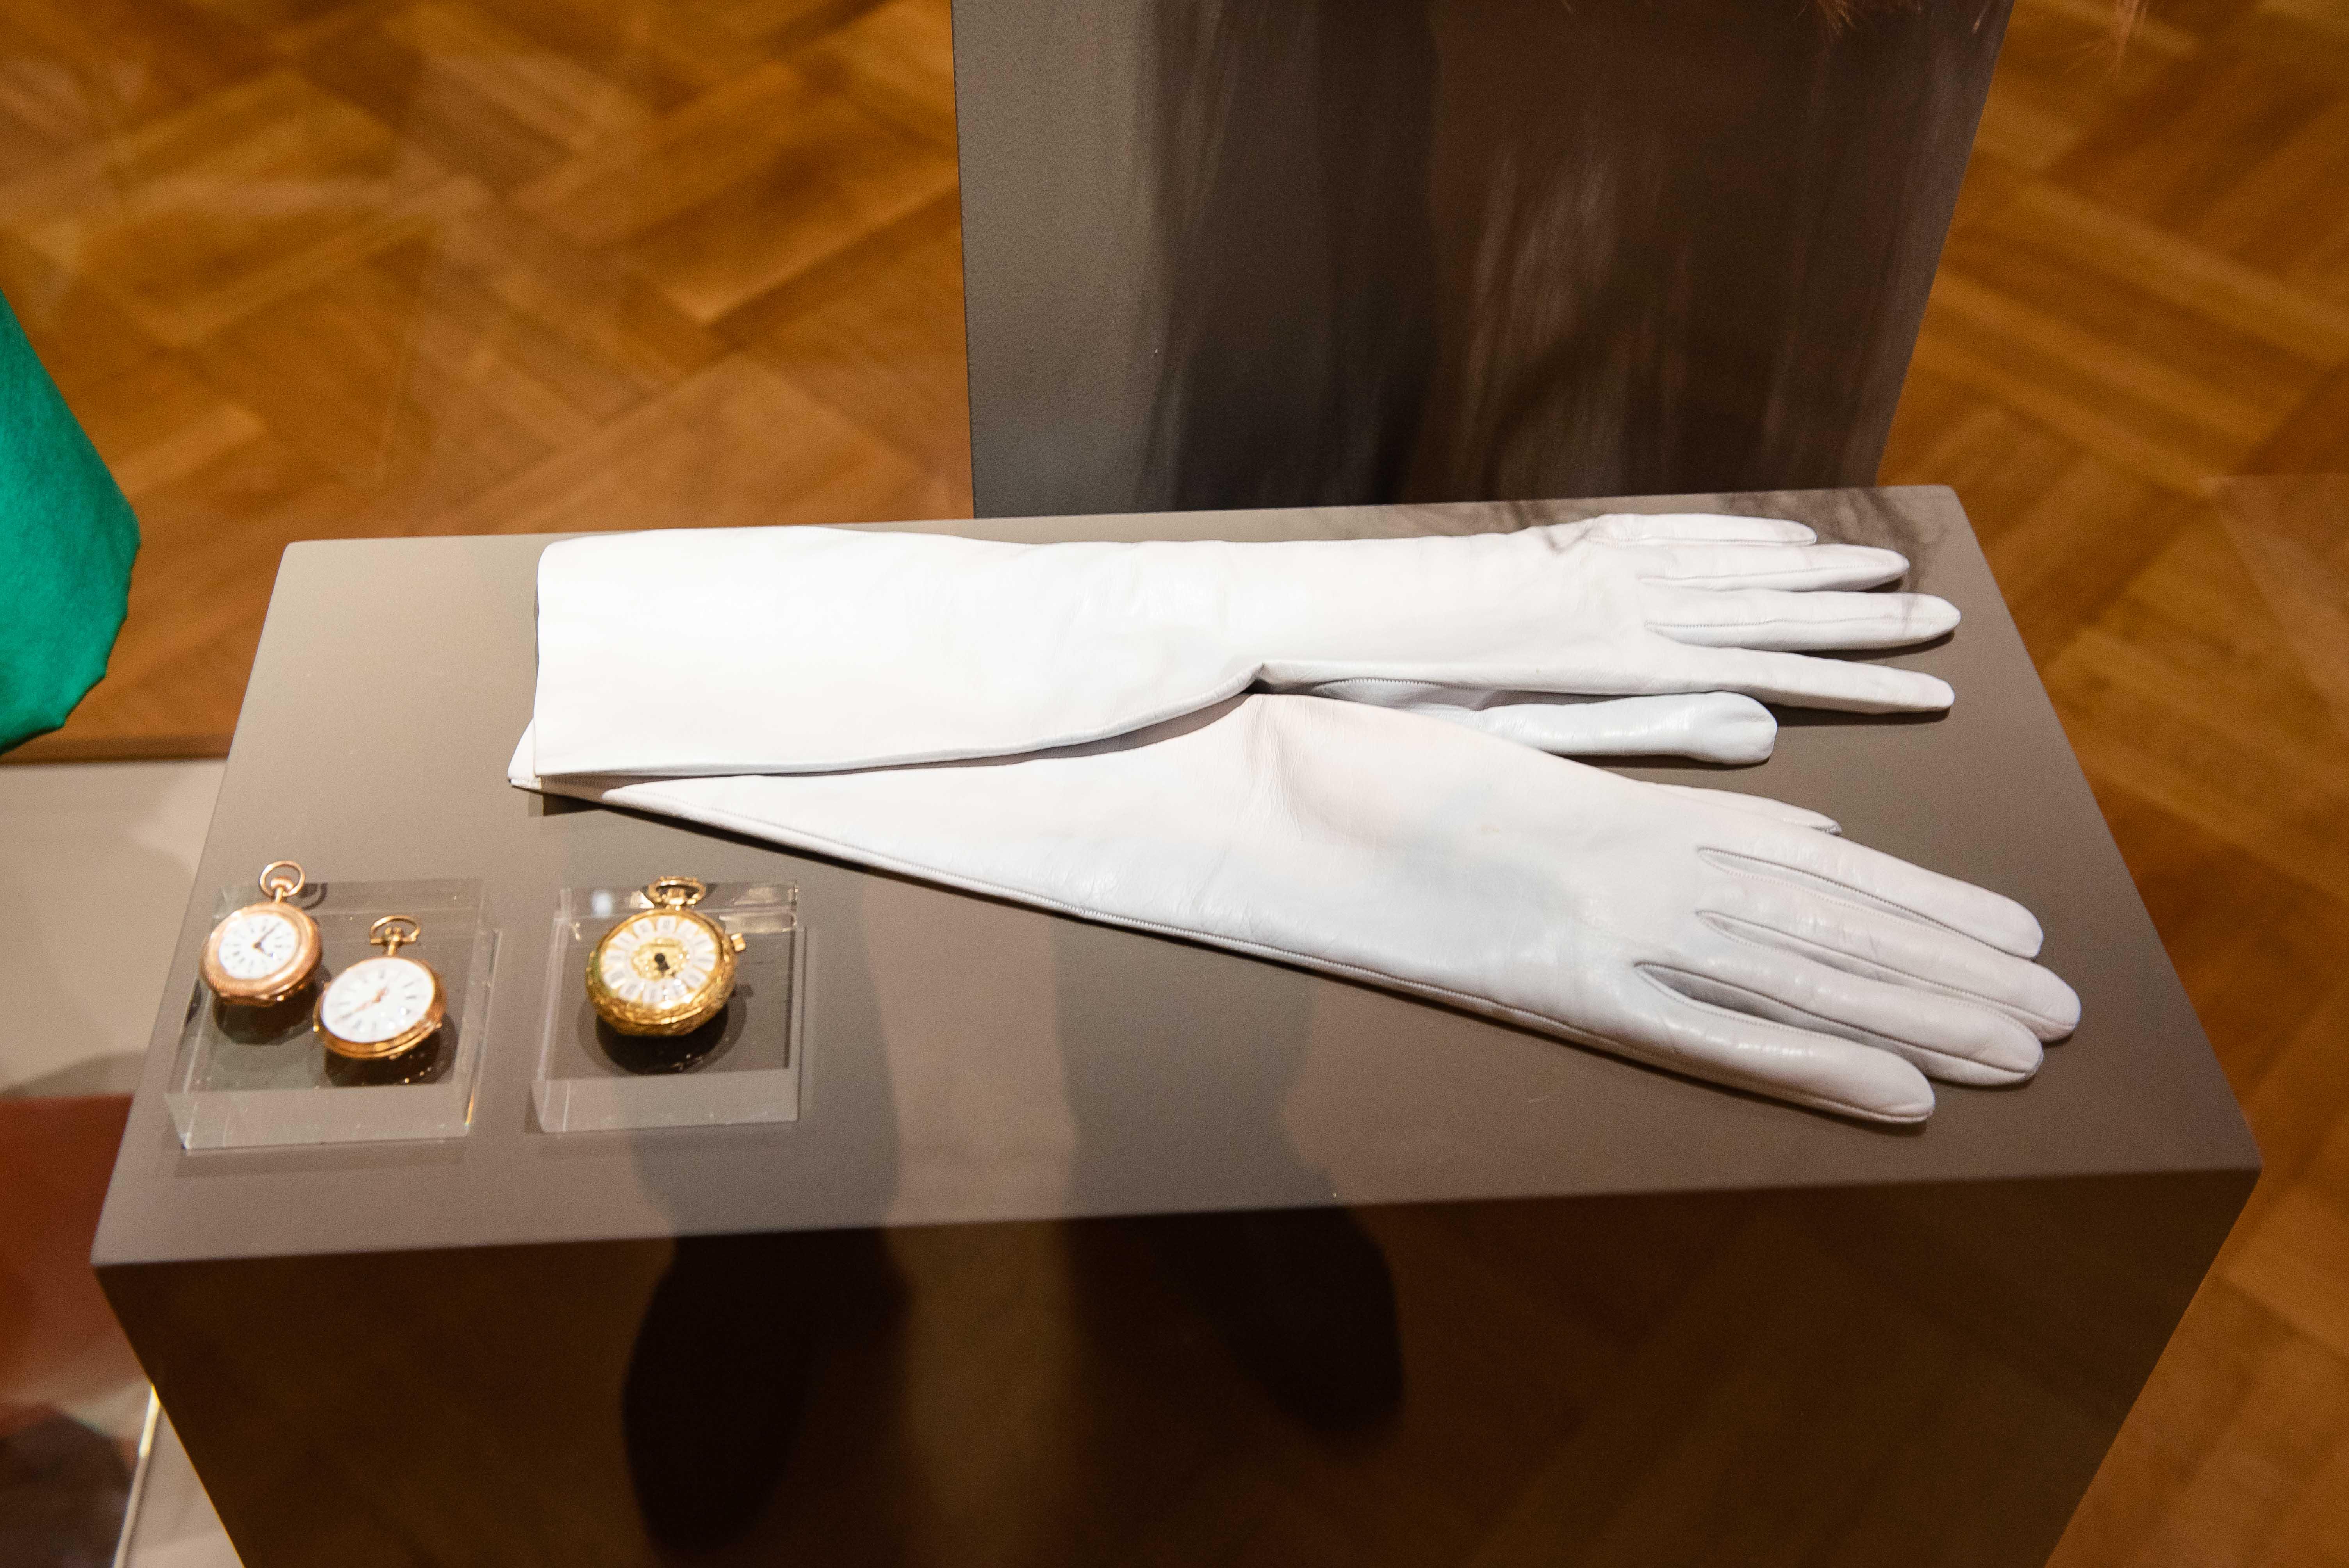 Τα γάντια της Κάλλας, τα ρολόγια της